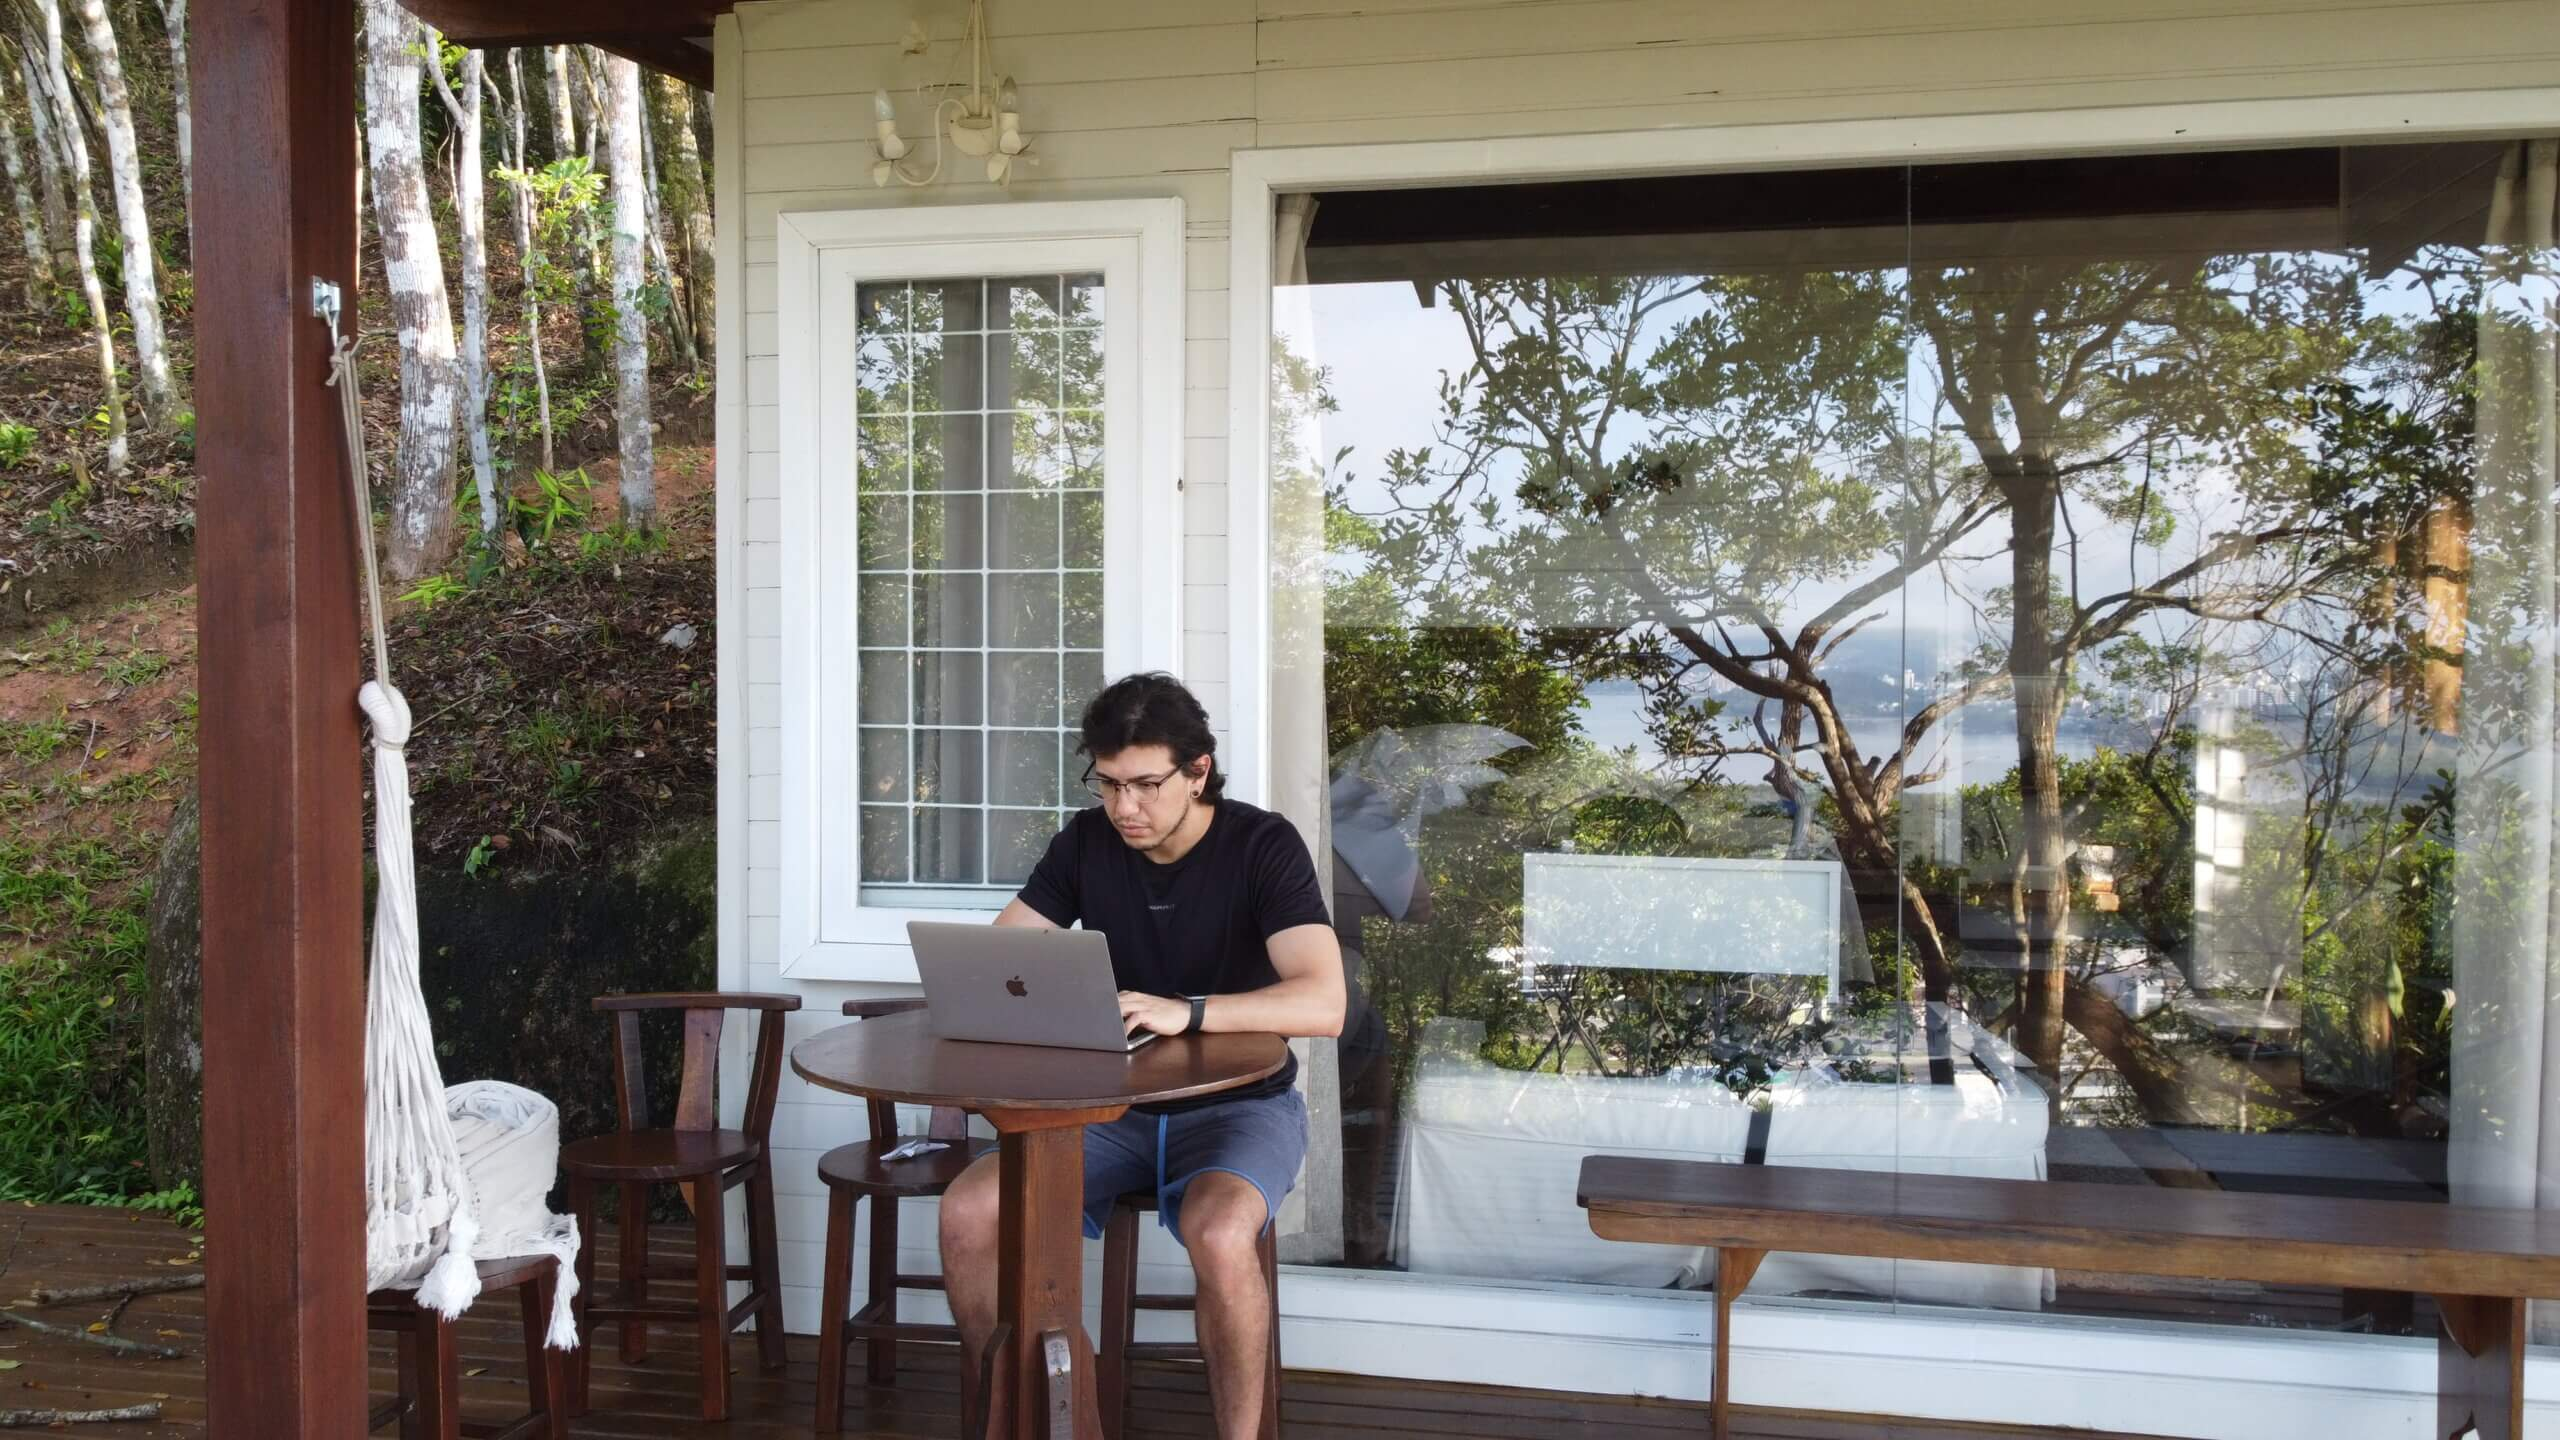 Douglas Fernandes como Nômade Digital, trabalhando com um notebook em frente a uma varanda.